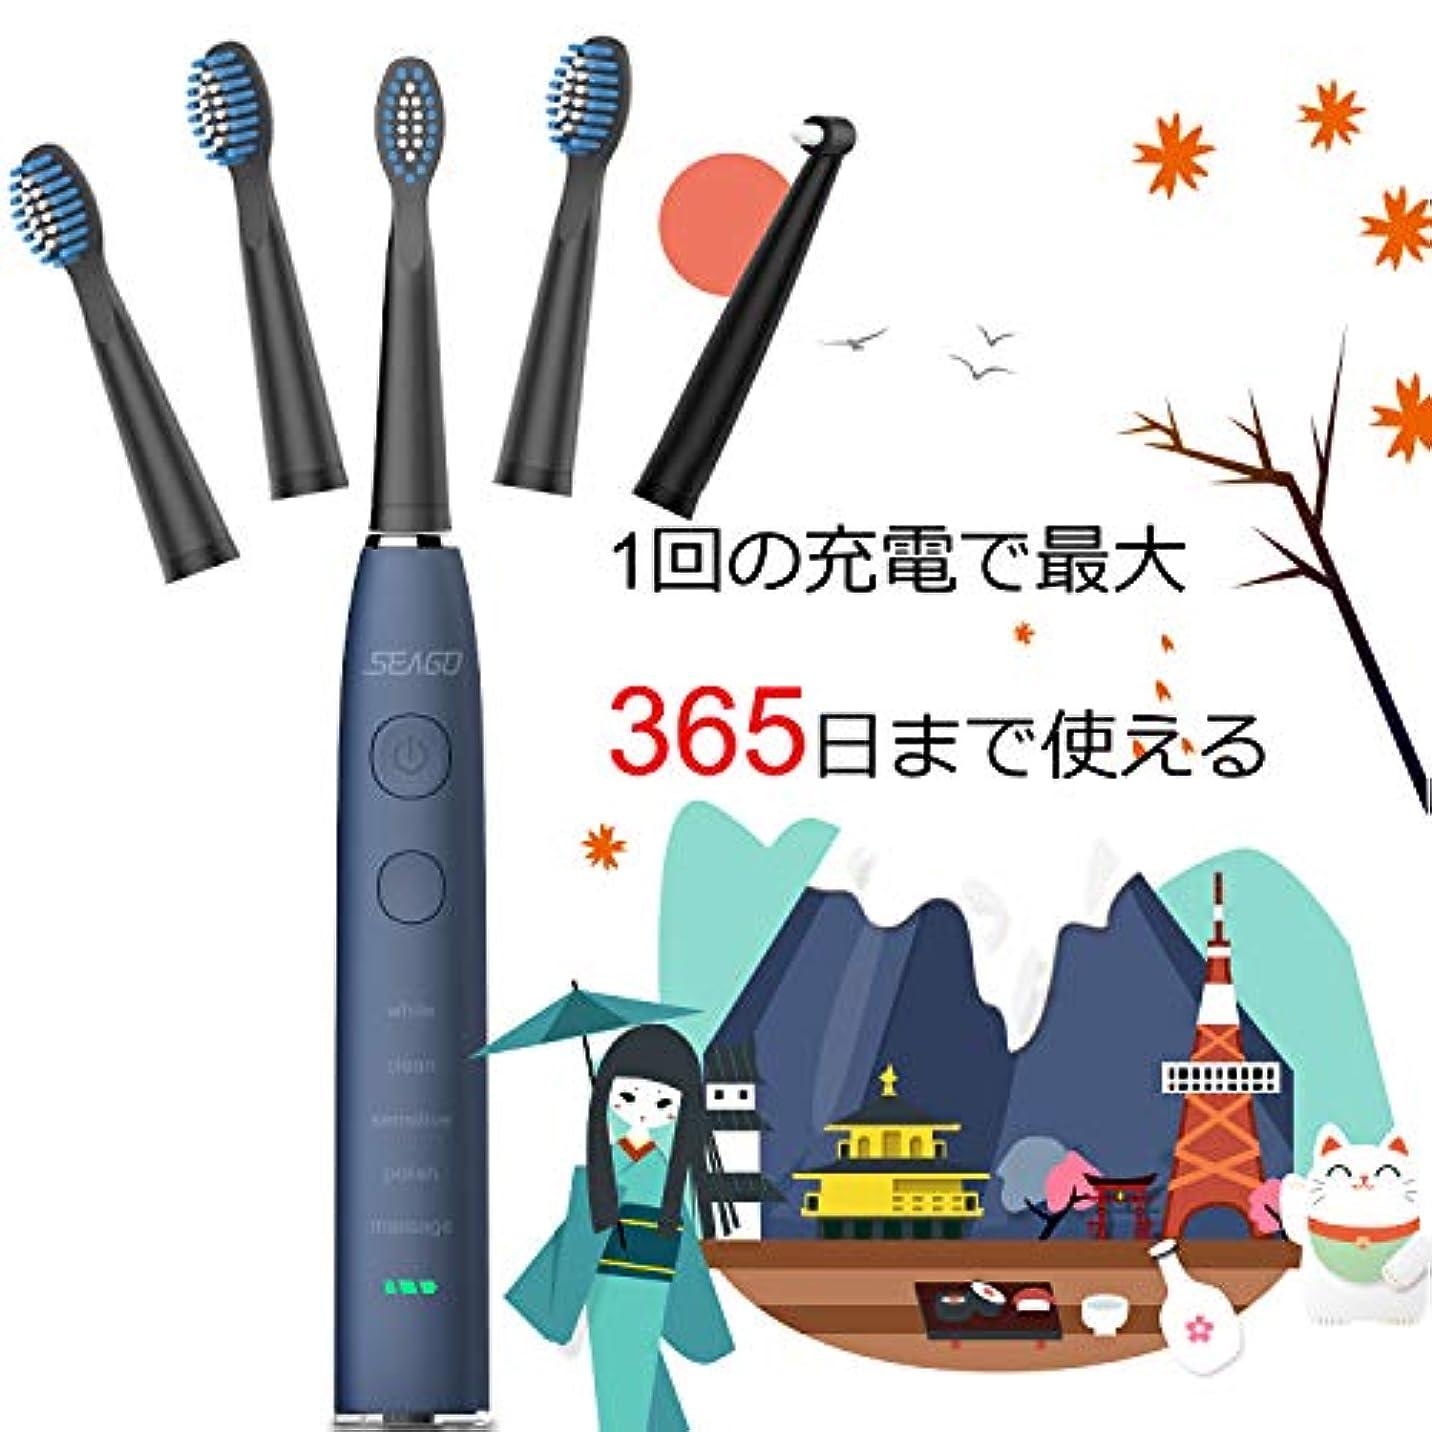 流産関数崇拝する電動歯ブラシ 歯ブラシ seago 音波歯ブラシ USB充電式8時間 365日に使用 IPX7防水 五つモードと2分オートタイマー機能搭載 替えブラシ5本 12ヶ月メーカー保証 SG-575(ブルー)